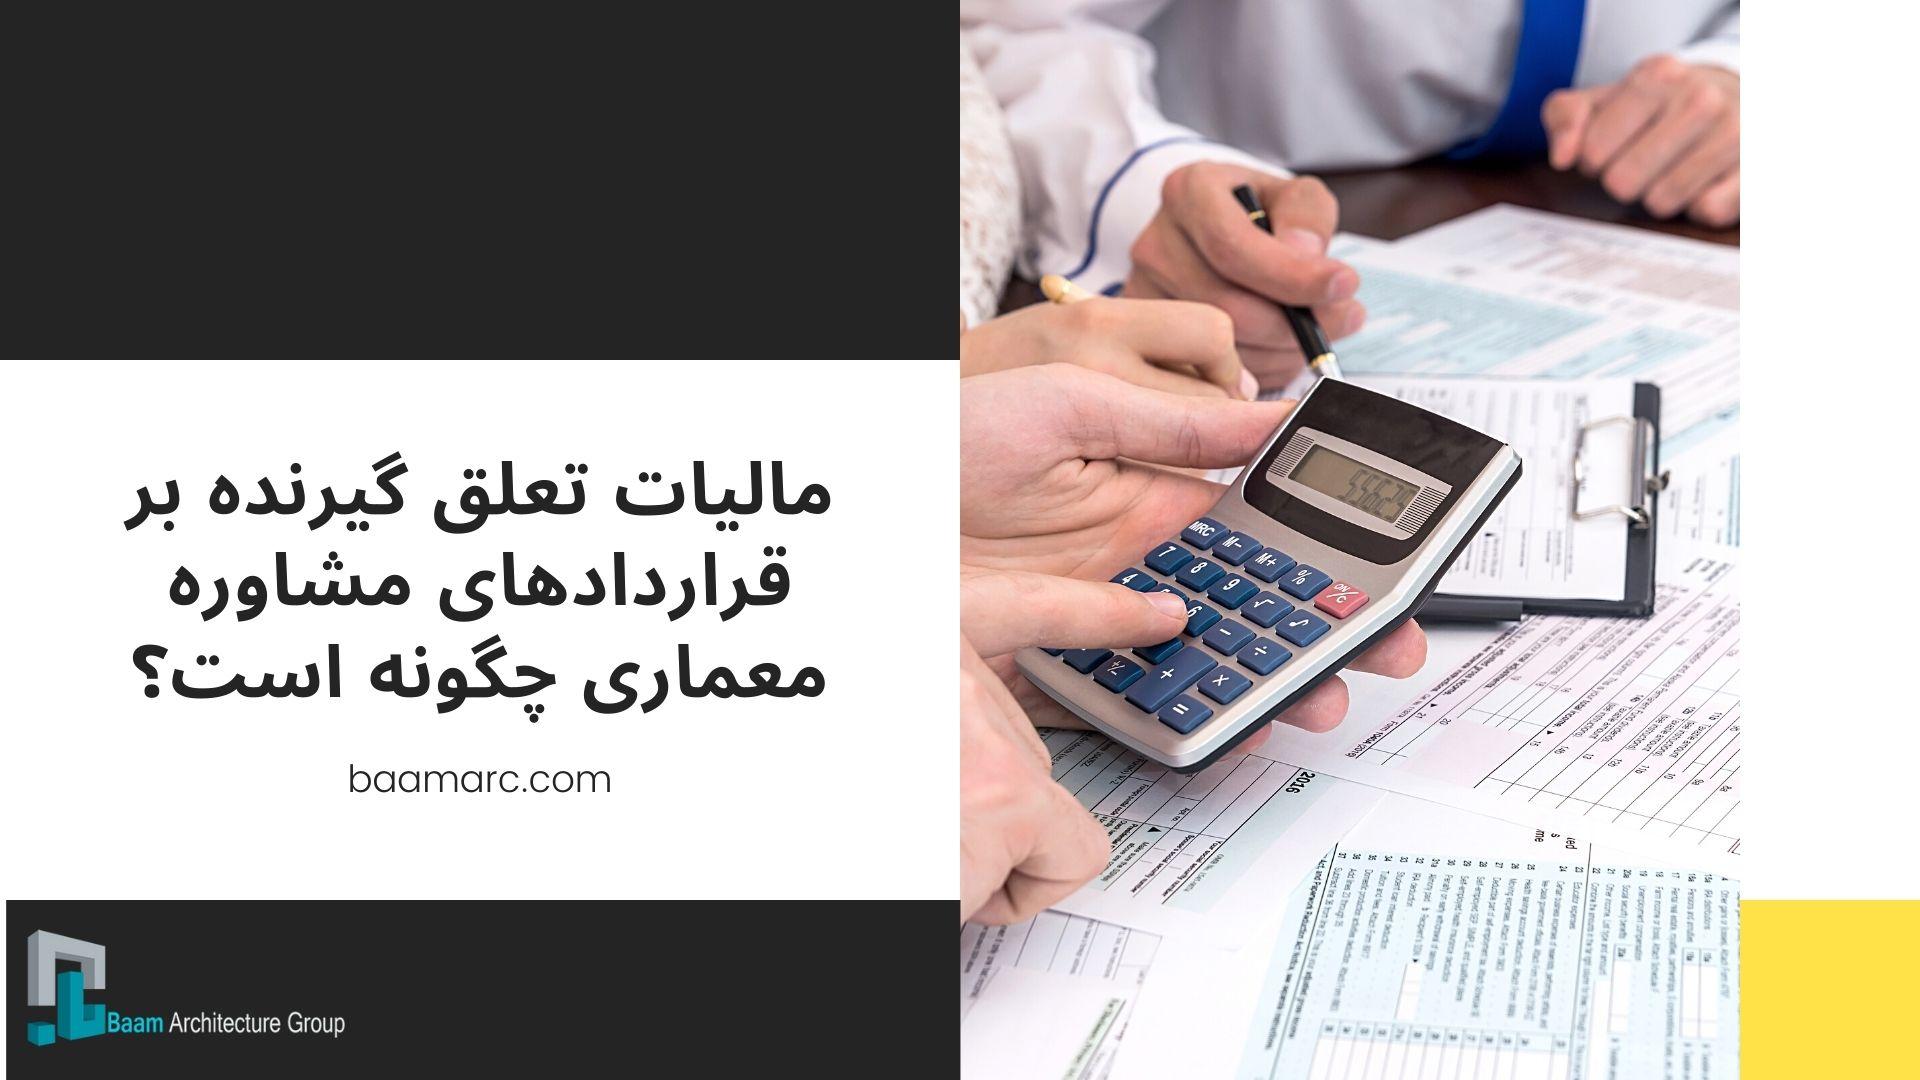 مالیات تعلق گیرنده بر قرارداد های مشاوره معماری چگونه است؟